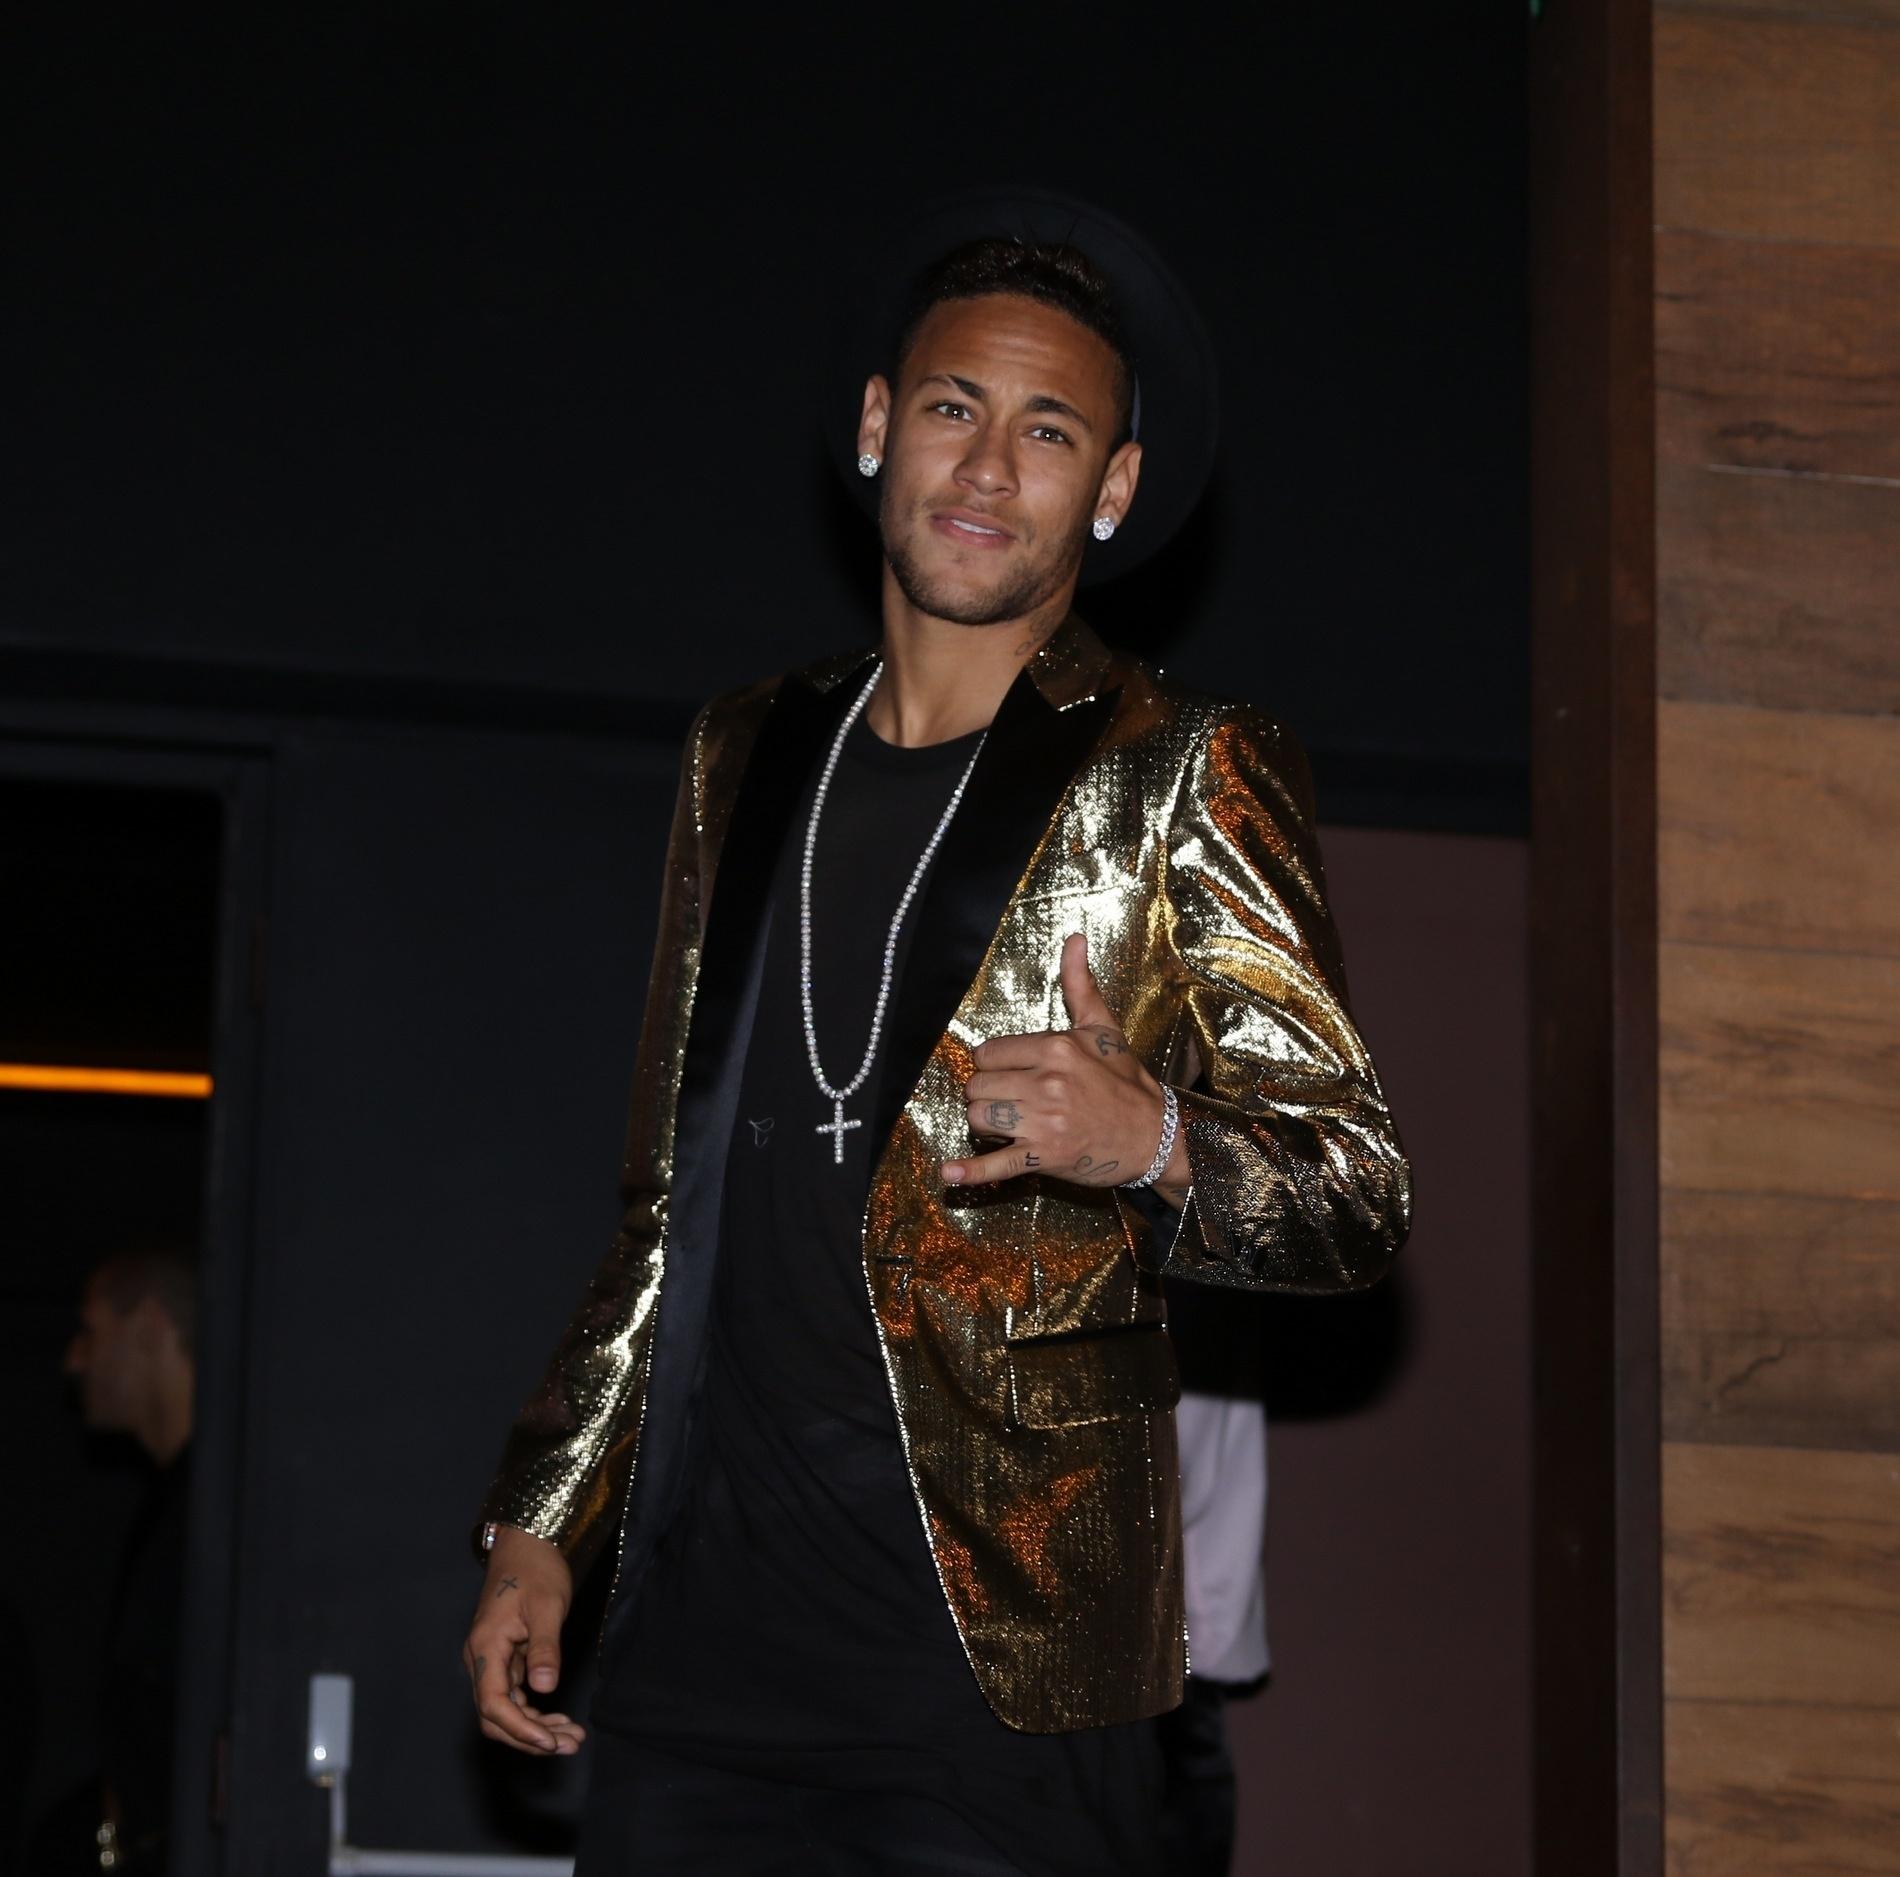 7.mar.2016 - Neymar posa para fotos ao chegar para a festa de aniversário da irmã Rafaella Santos no Villa Mix, em São Paulo